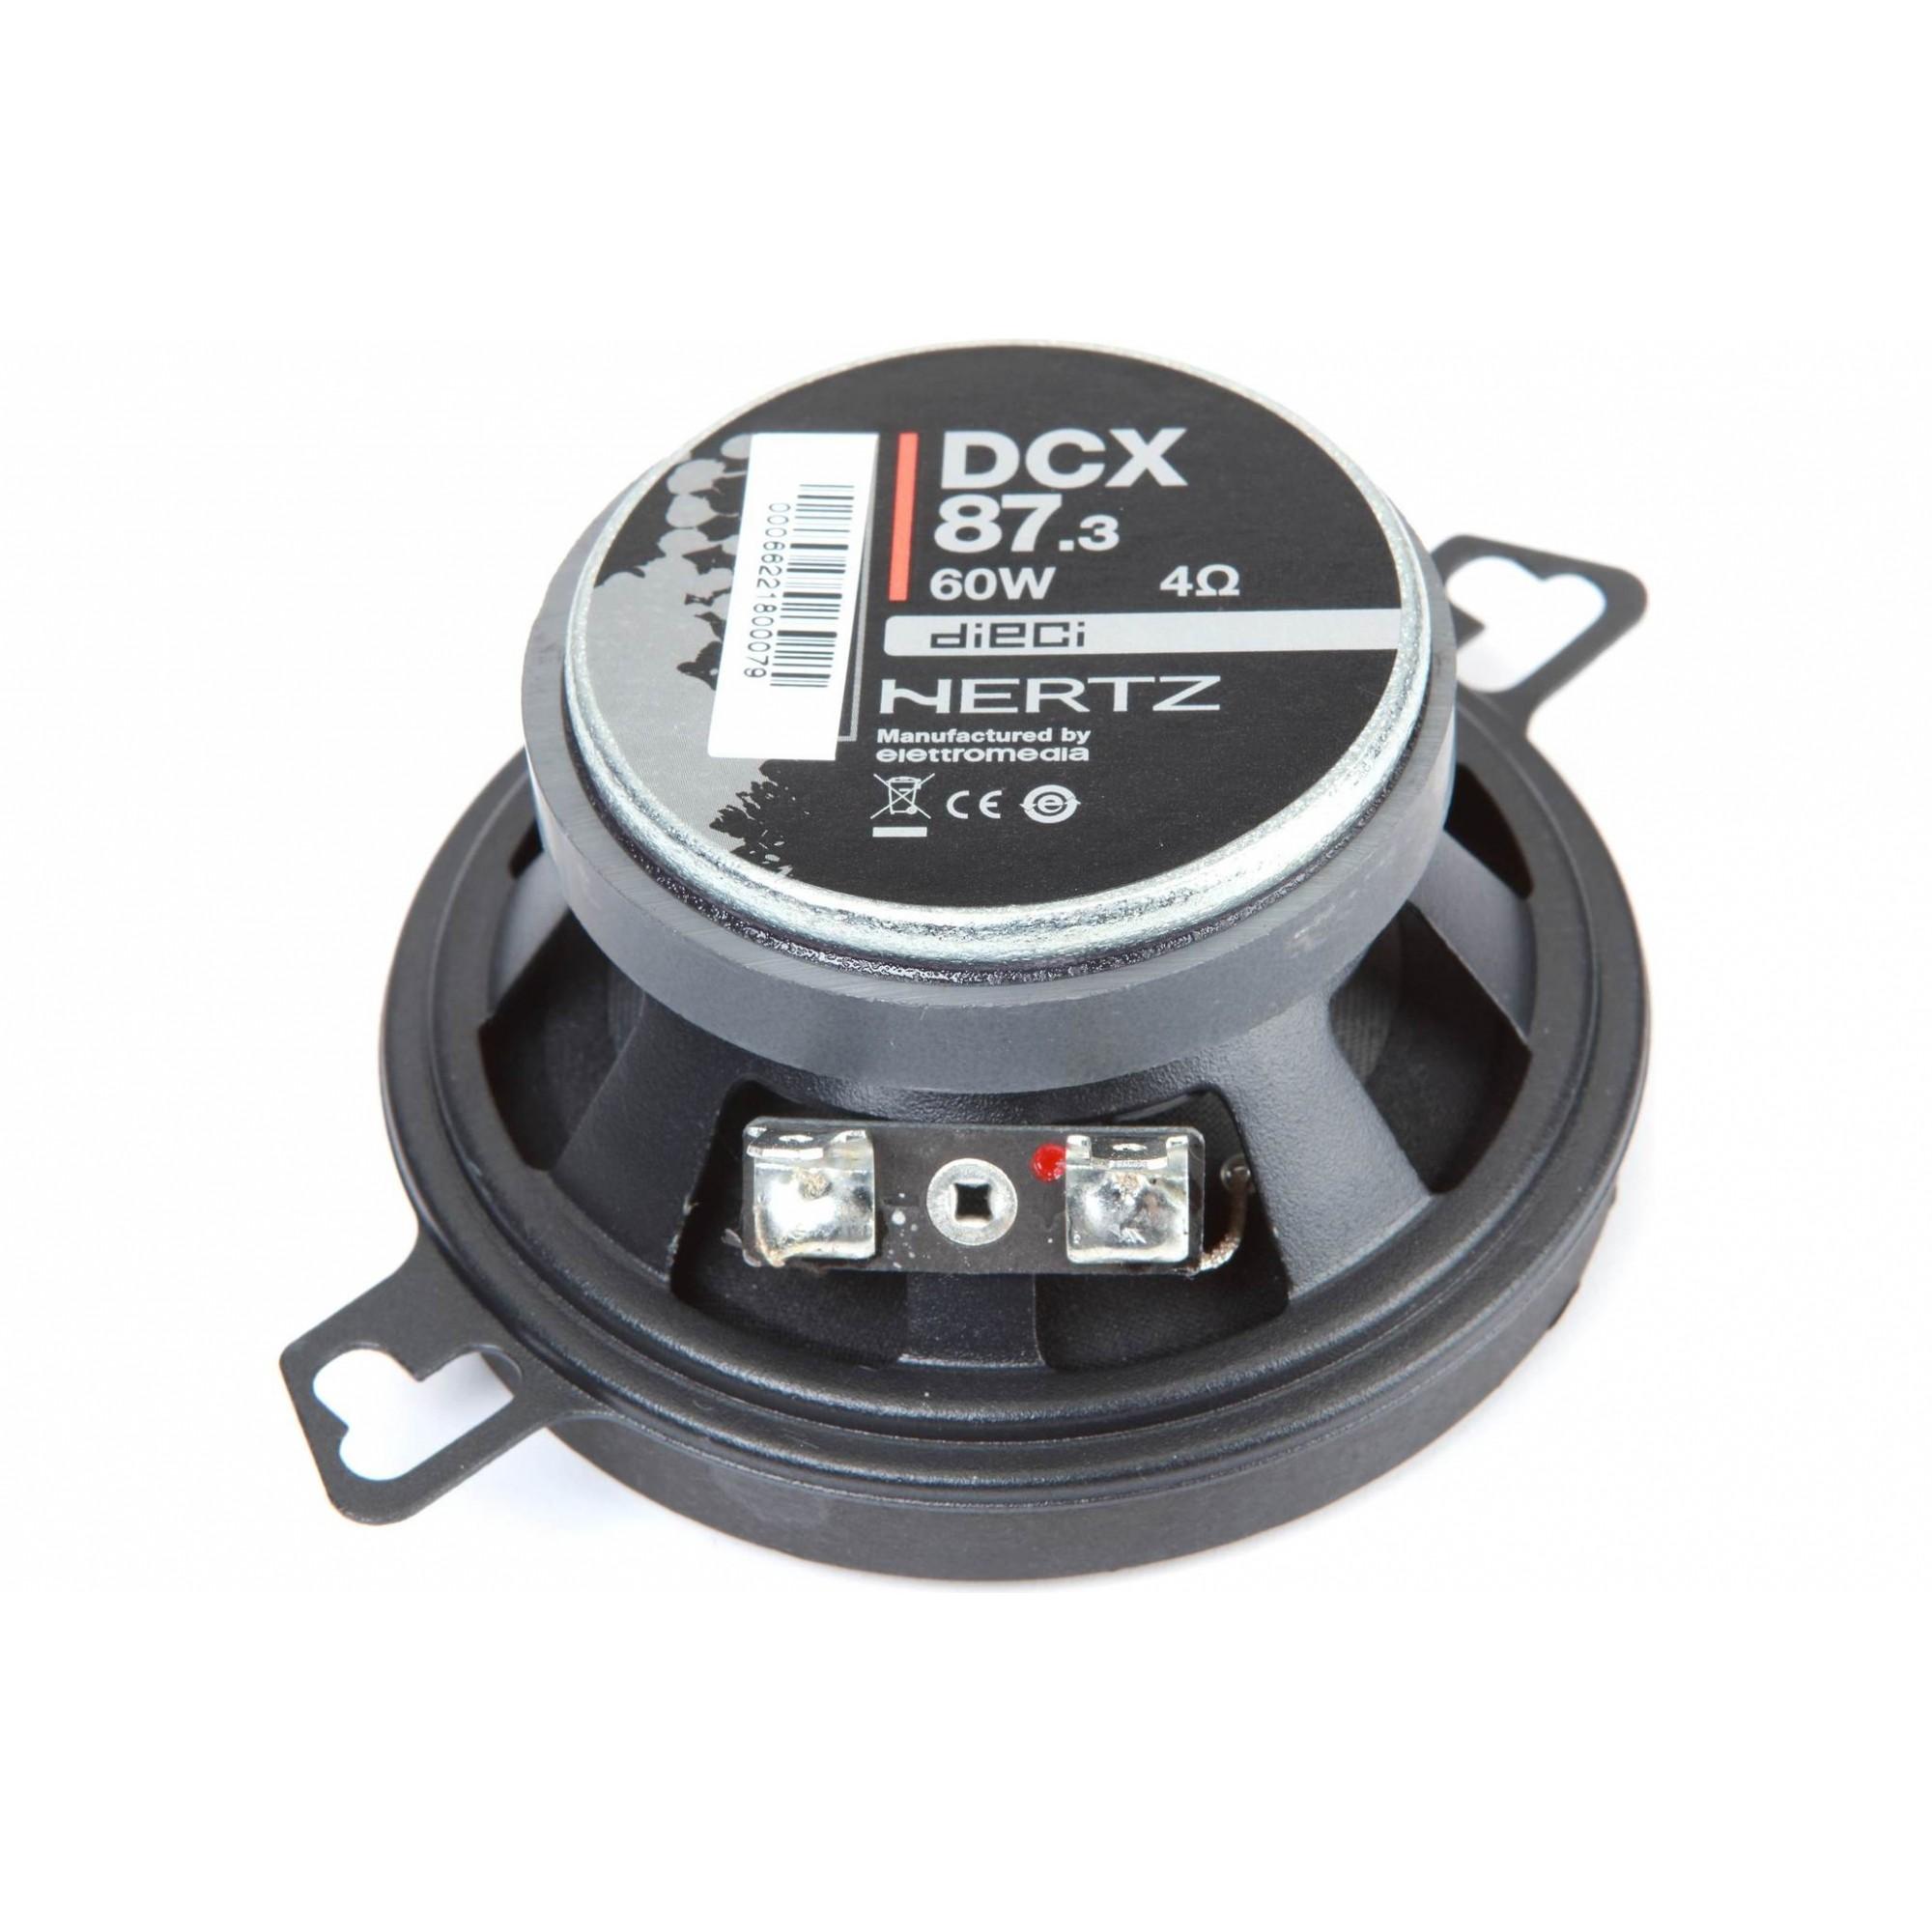 Kit Coaxial Hertz Dcx 87.3 3.4 Polegadas 60 w Rms Italiano